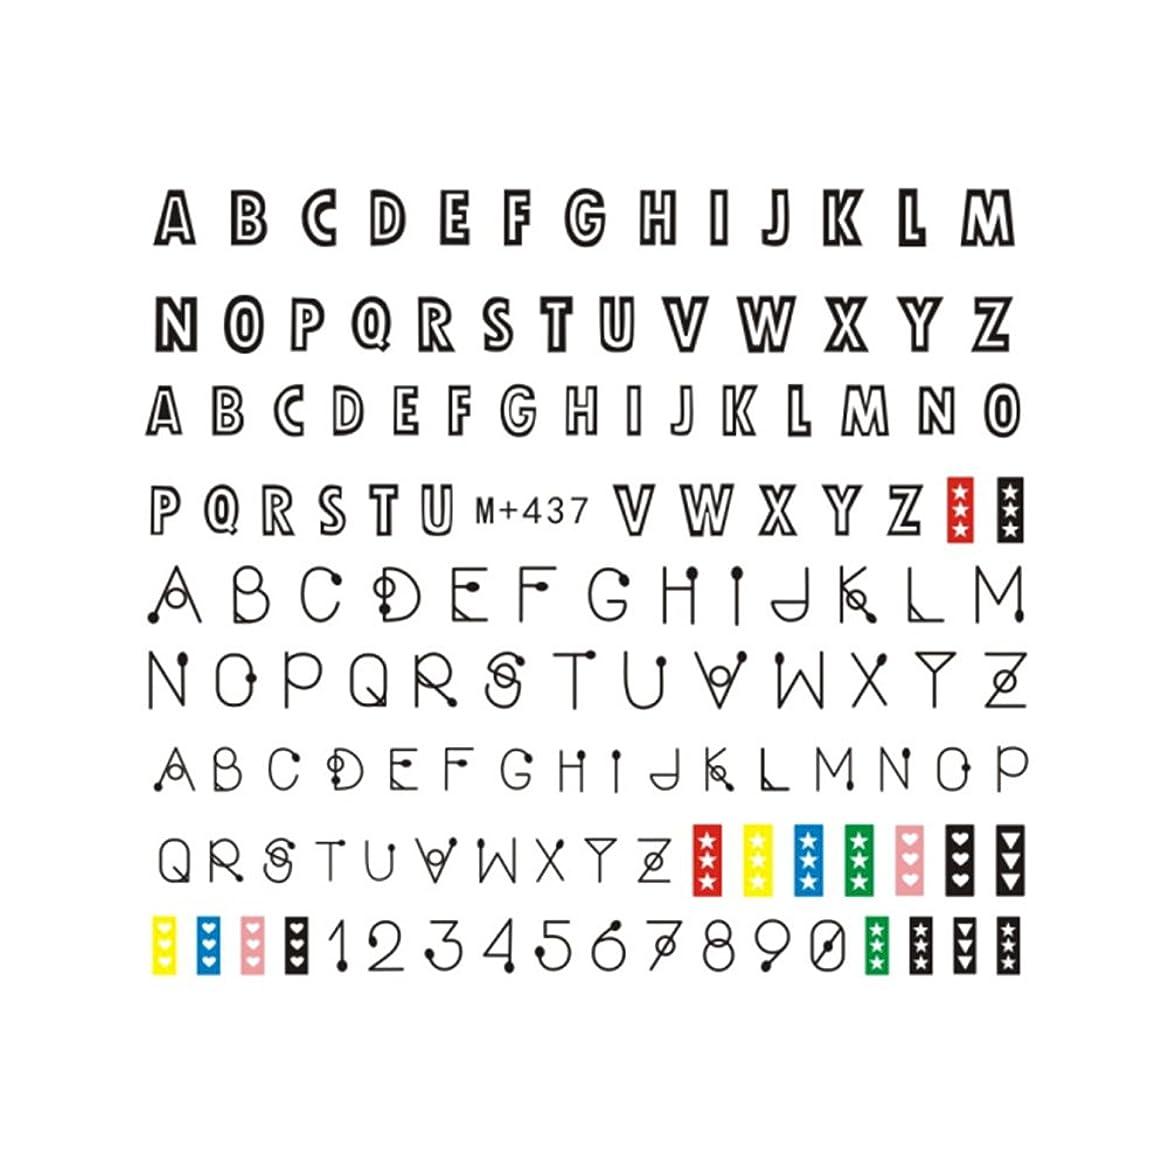 理論適応韻手描き風アルファベットシール【M+437】英字 英語 数字 記号  モノトーン シンプル ウォーターネイルシール ジェルネイル ネイルシール